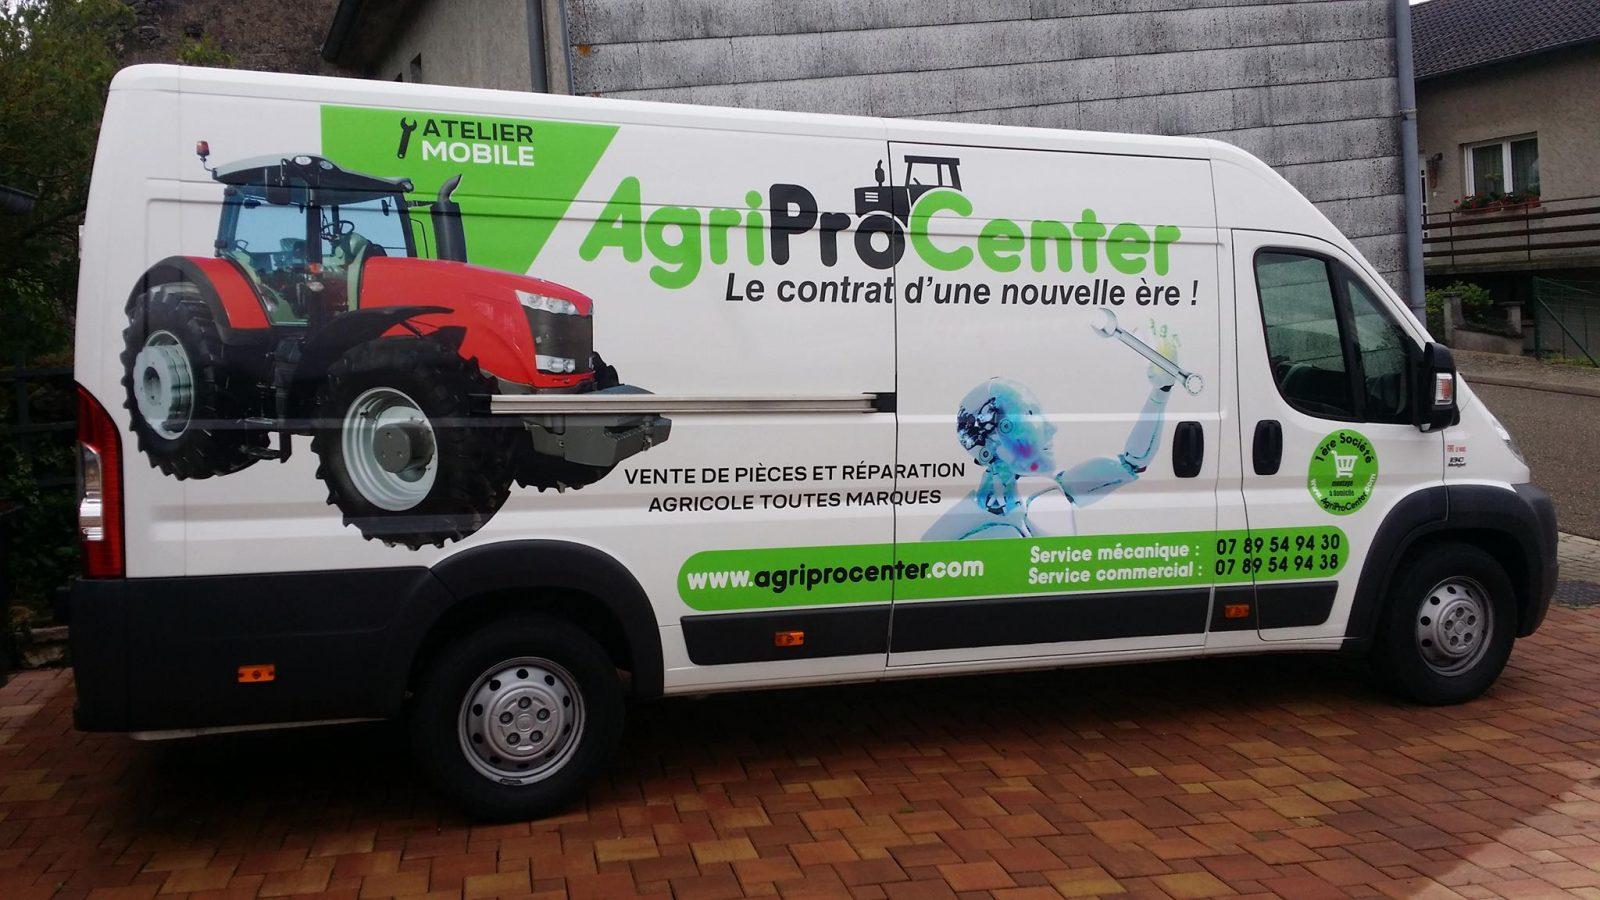 Vente de pièce agricole sur internet